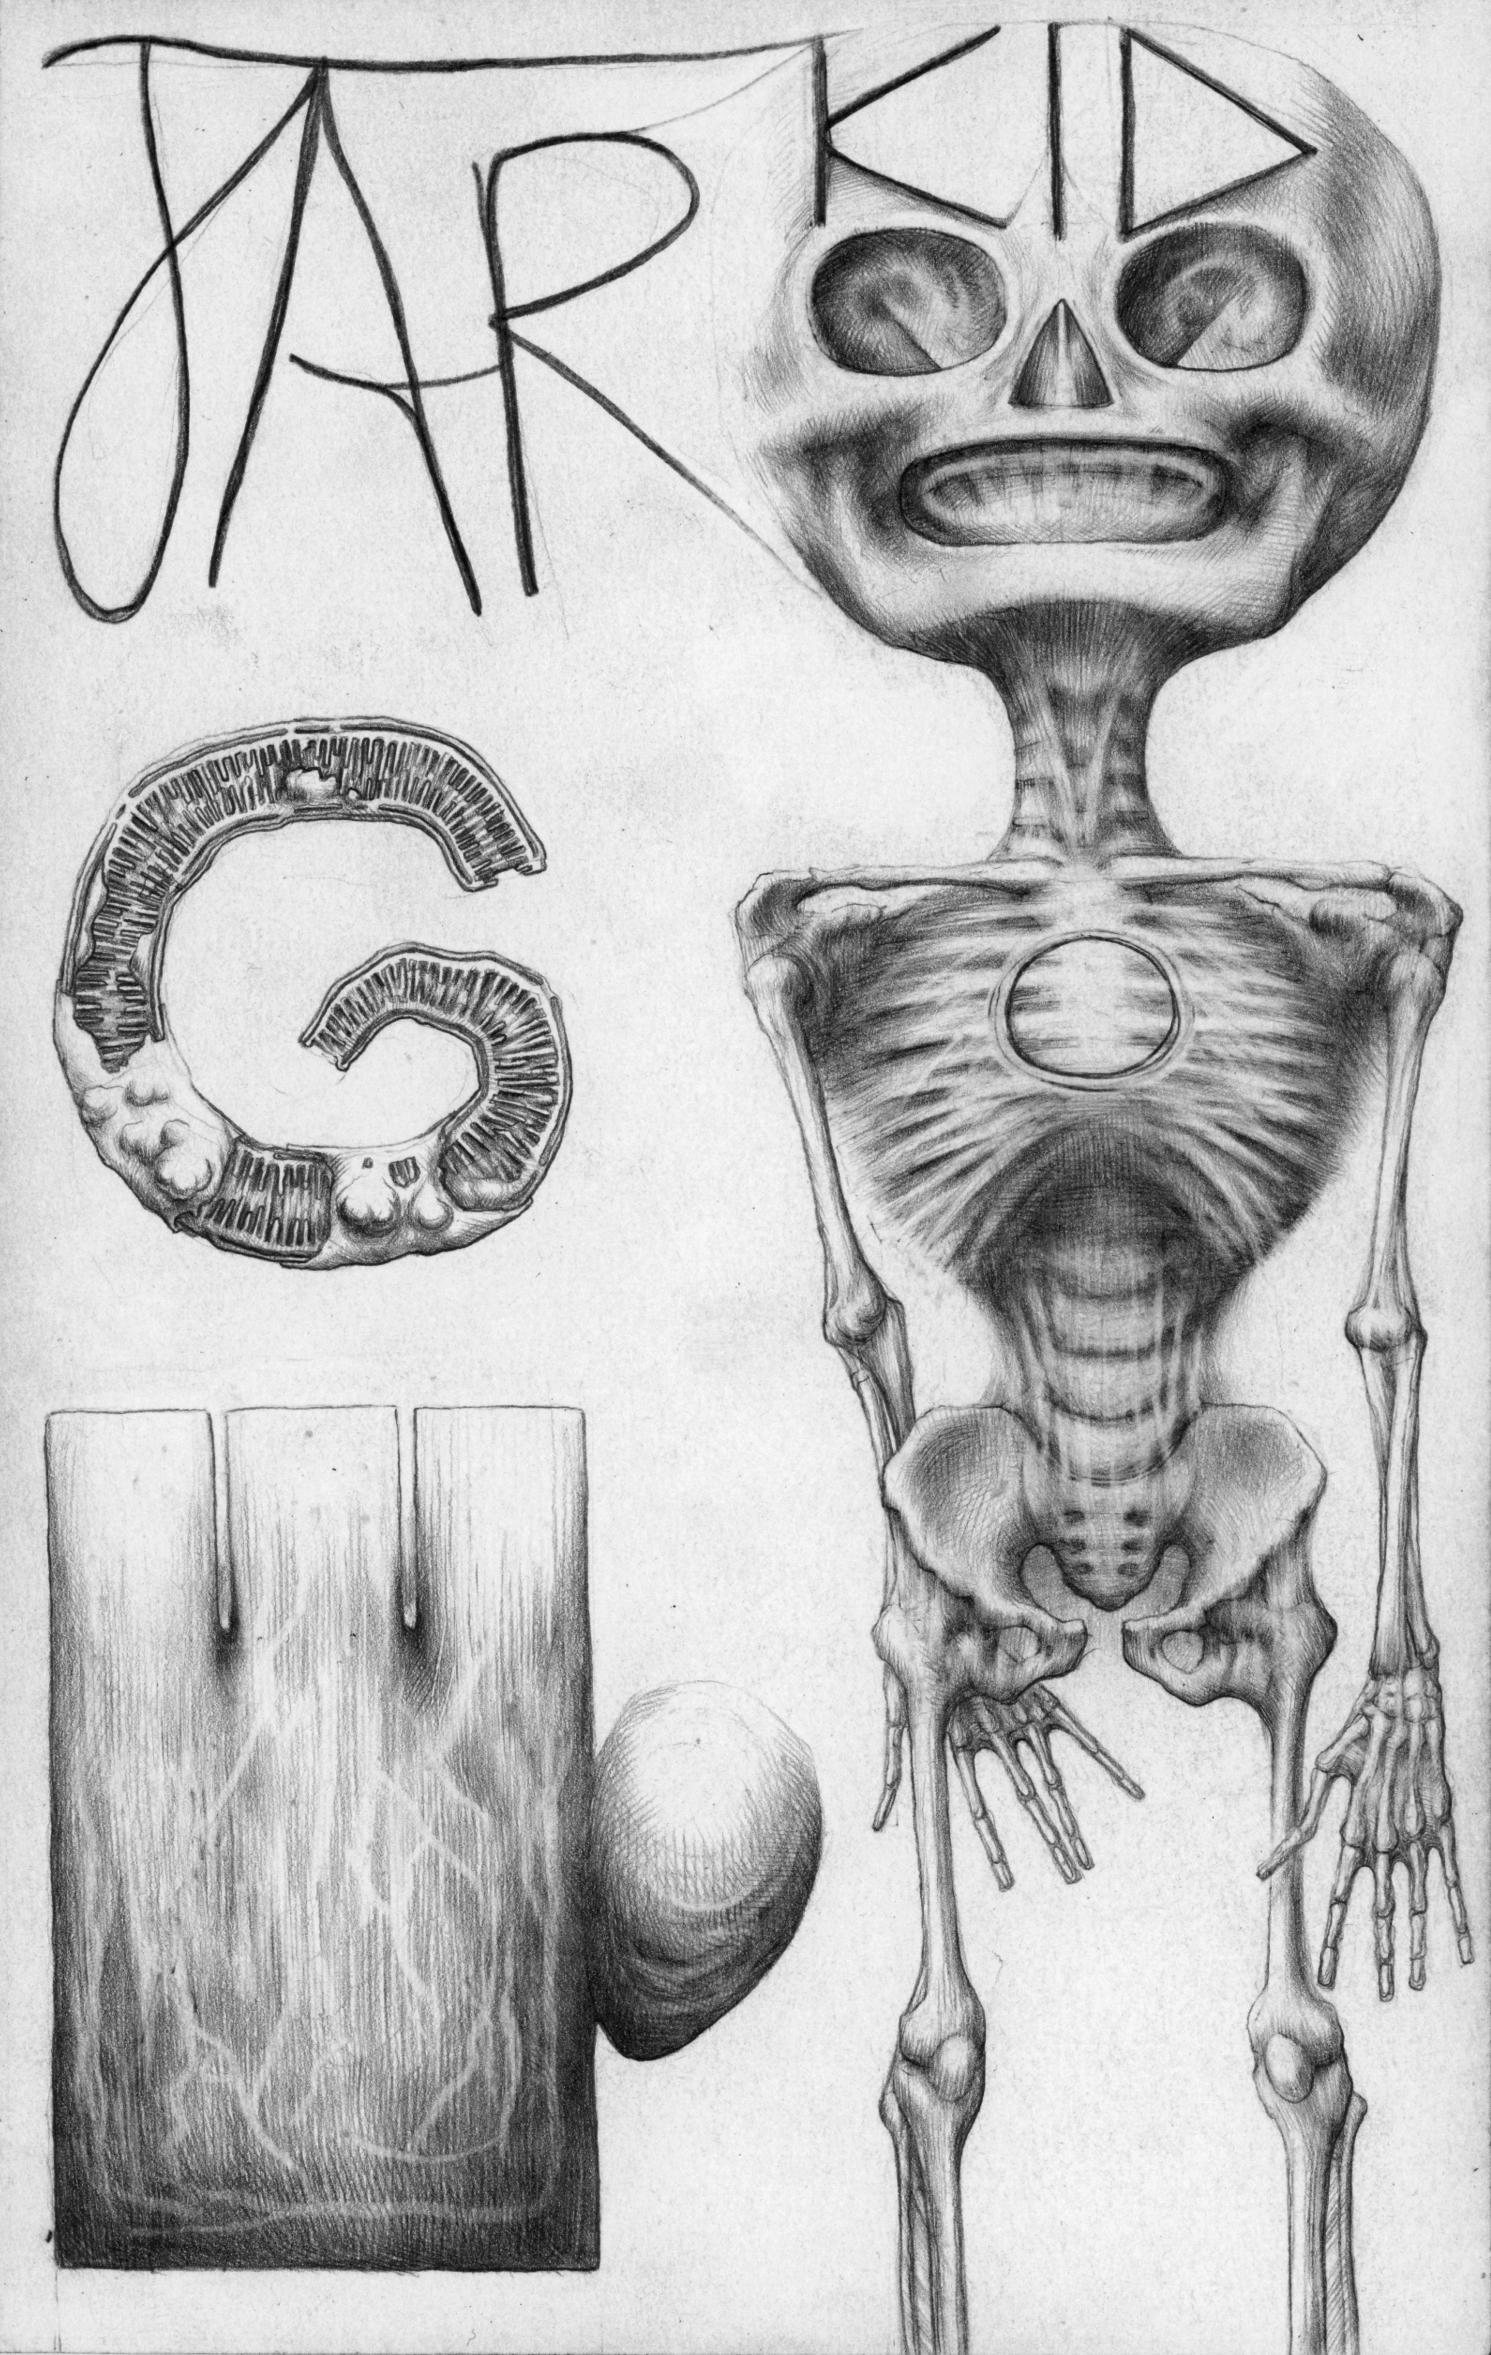 Jar Kid